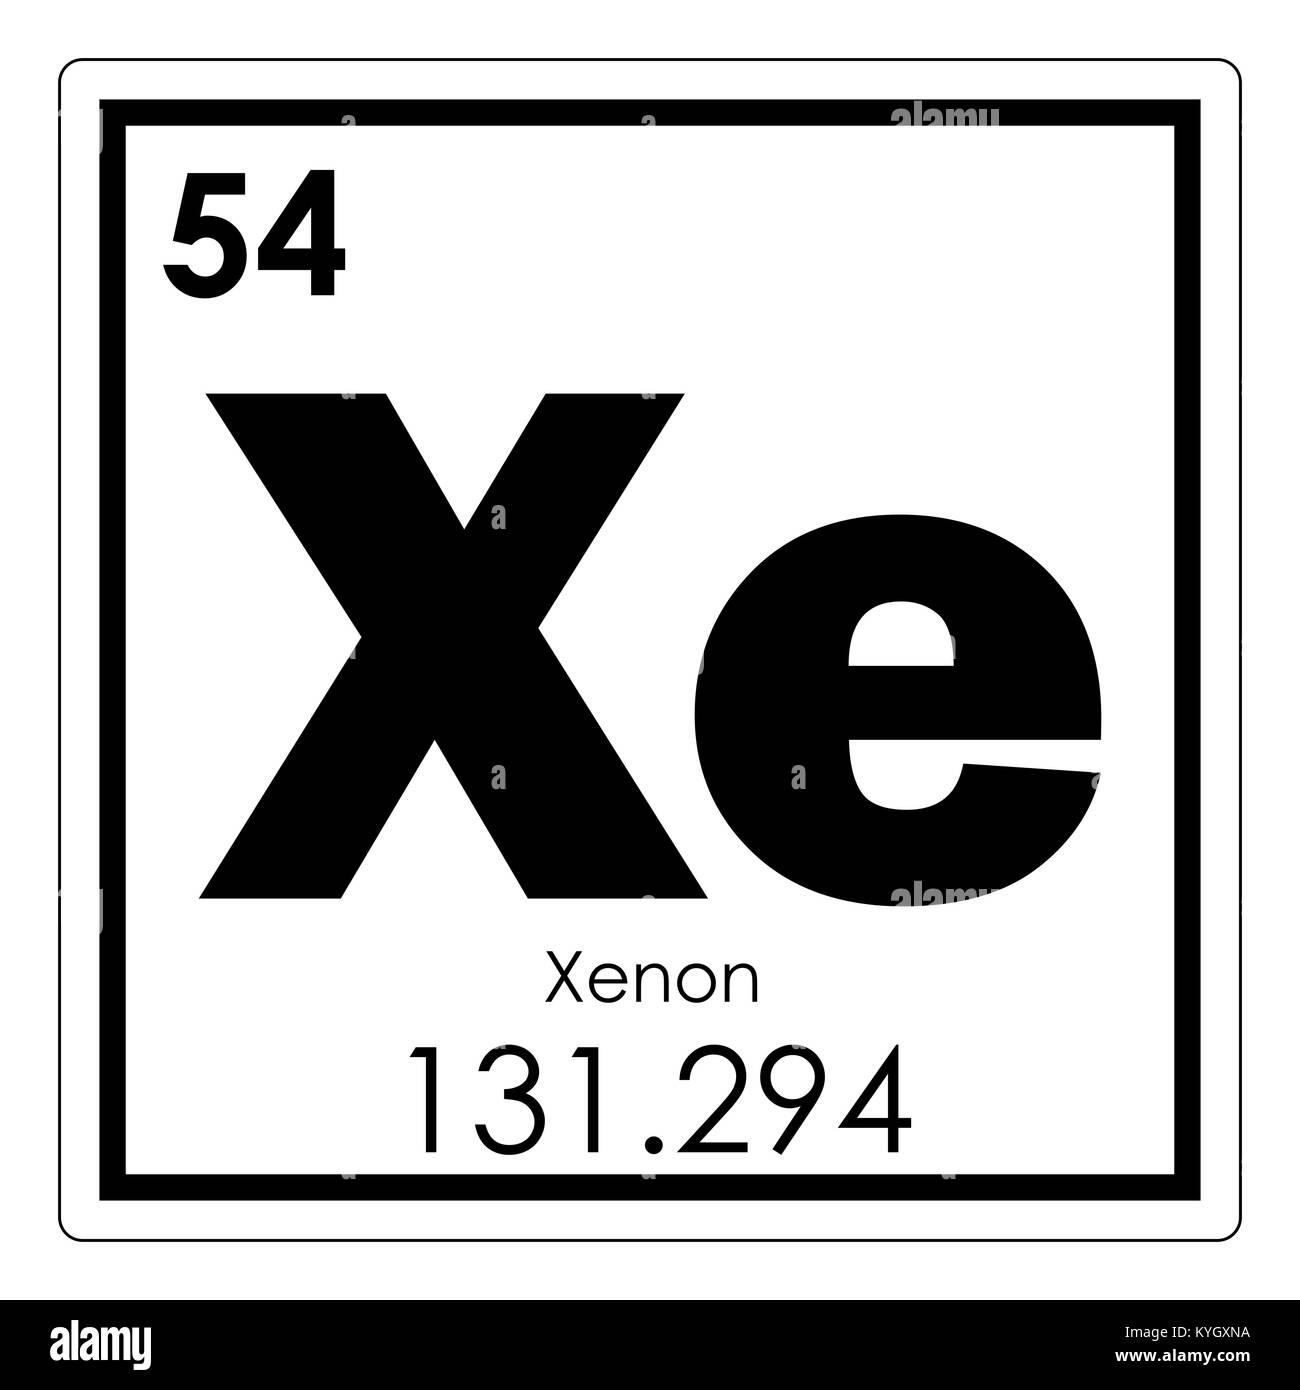 Tabla peridica de elementos qumicos de xenn smbolo de ciencia tabla peridica de elementos qumicos de xenn smbolo de ciencia urtaz Choice Image